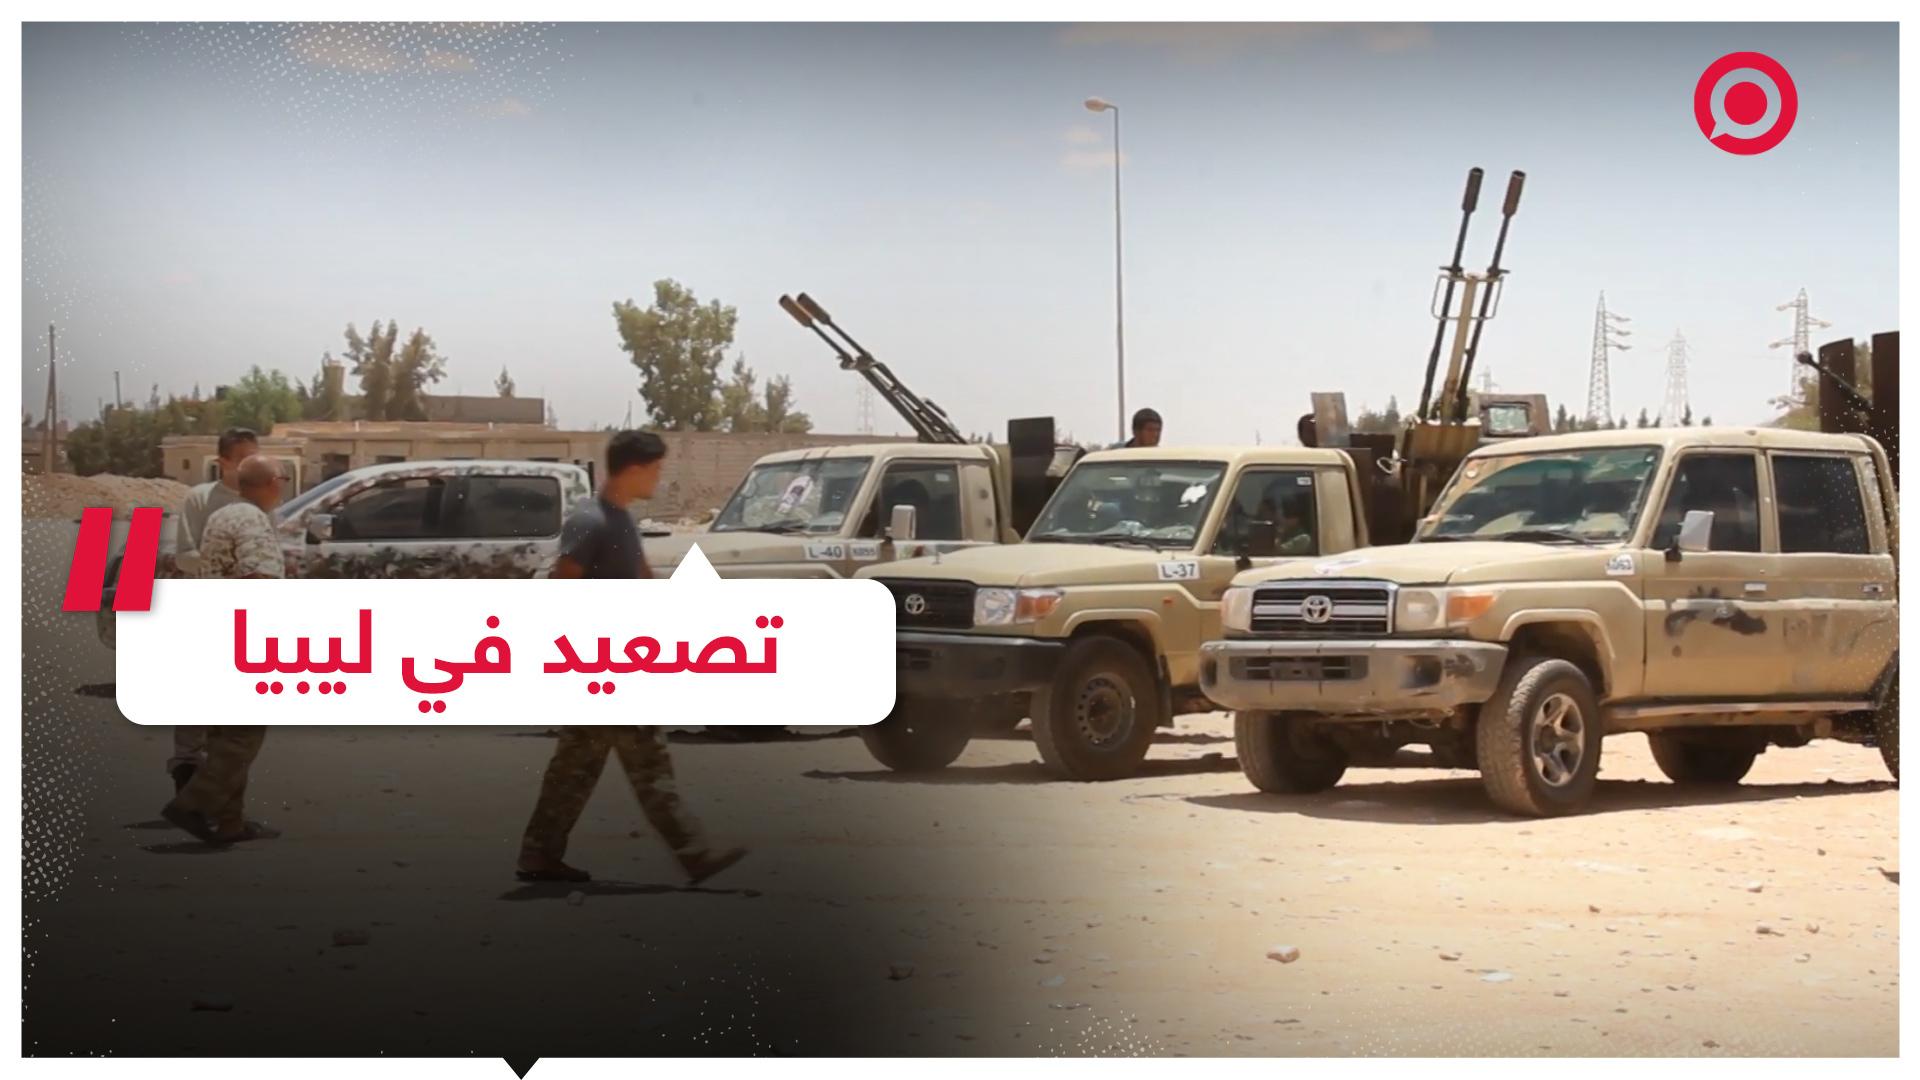 تصعيد عسكري جديد في ليبيا